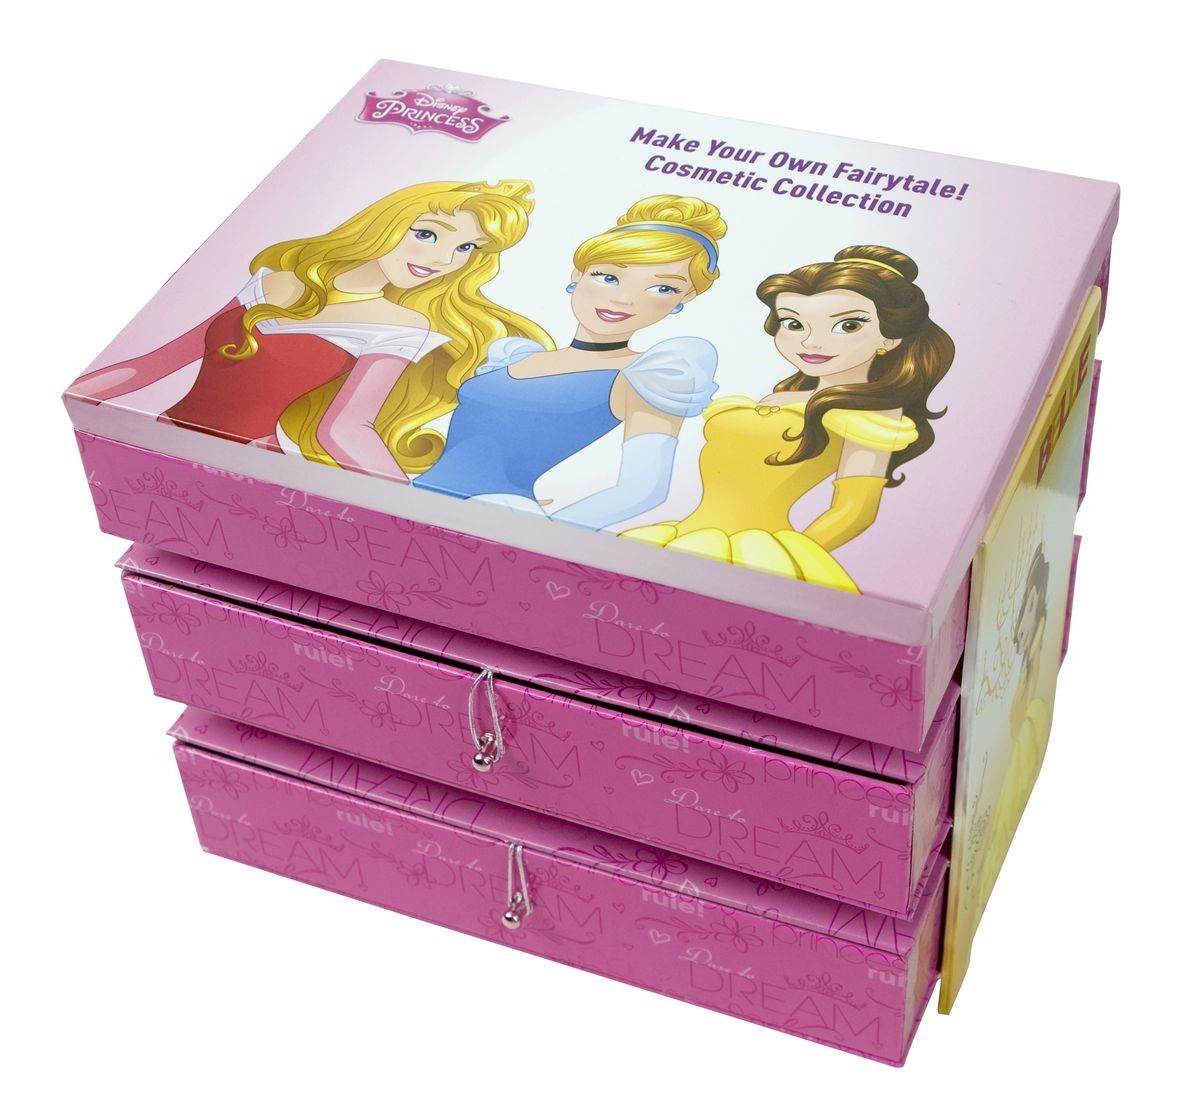 Markwins Игровой набор детской декоративной косметики Princess 96042519604251Набор декоративной косметики Markwins - отличный подарок для каждой девочки! В набор входит все необходимое для создания безупречного образа: макияжа, маникюра и педикюра, которые можно дополнить стильными аксессуарами. Косметику очень удобно хранить в комоде, который также входит в комплект. На нем изображены героини популярных мультфильмов Дисней.Детская косметика Markwins создана с соблюдением самых высоких европейских стандартов безопасности. Продукция не содержит парабенов, метилизотиазолинона, пальмового масла. Предназначена для детей от 7 лет. Несмотря на высокое качество продукции и ее общую гипоаллергенность, производитель рекомендует проверить индивидуальную реакцию на косметику перед ее использованием. Просто нанесите на кожу немного косметики и подержите 30-60 минут. Если на коже появится покраснение, следует прекратить использование продукции. Эта аллергическая реакция проявляется очень редко и зависит от индивидуальных особенностей организма.Условия хранения: хранить при температуре от +5 до +25 градусов; не допускать попадания прямых солнечных лучей.